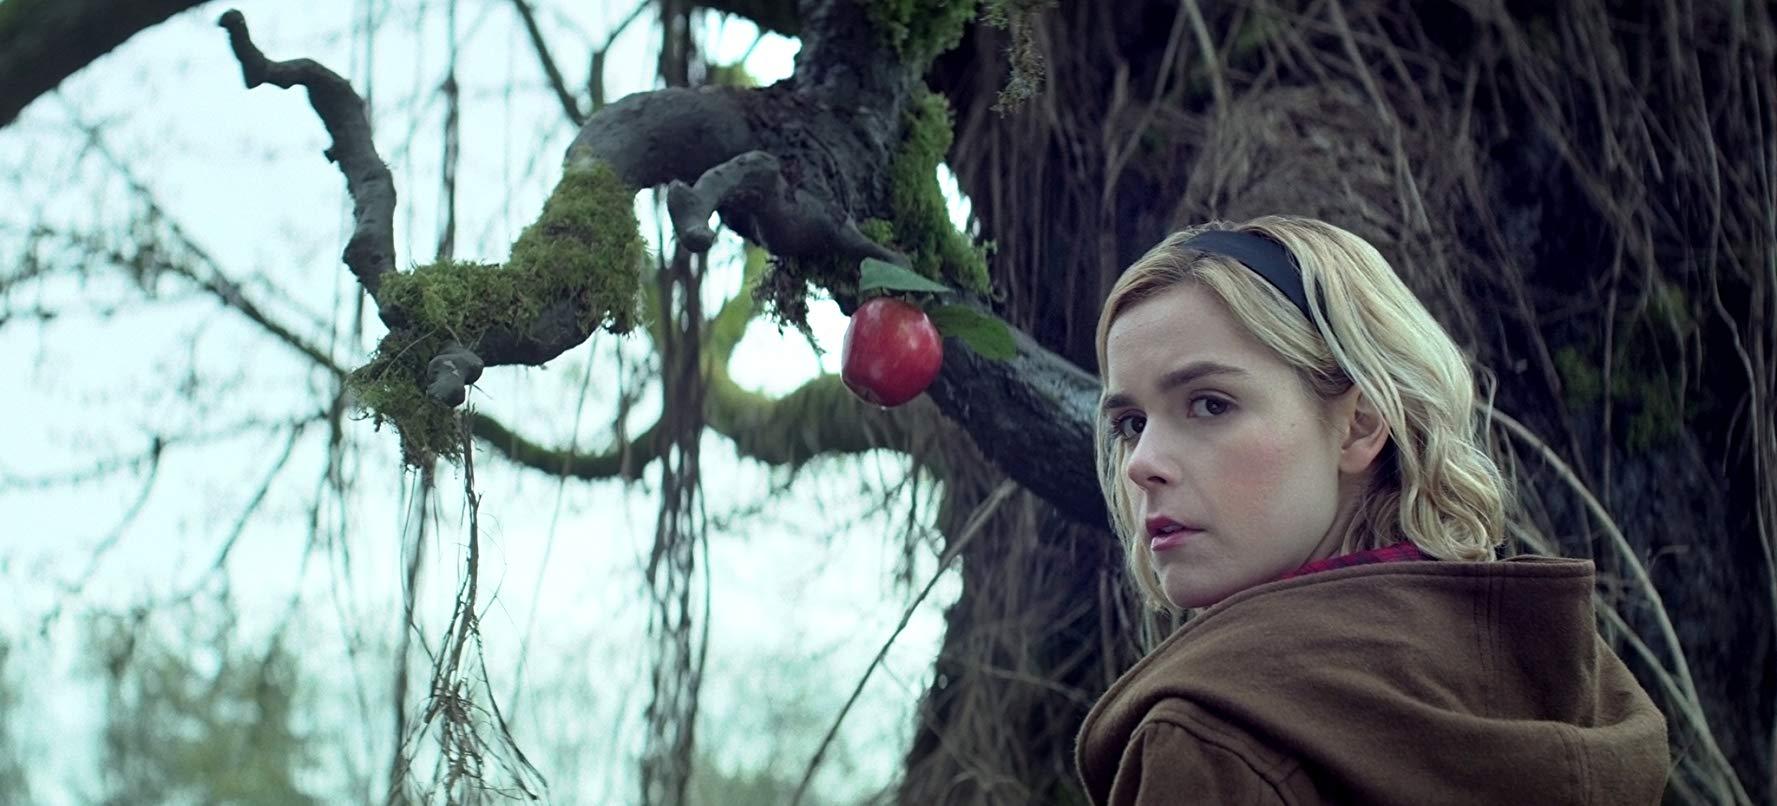 Le terrificanti avventure di Sabrina: una scena con Kiernan Shipka